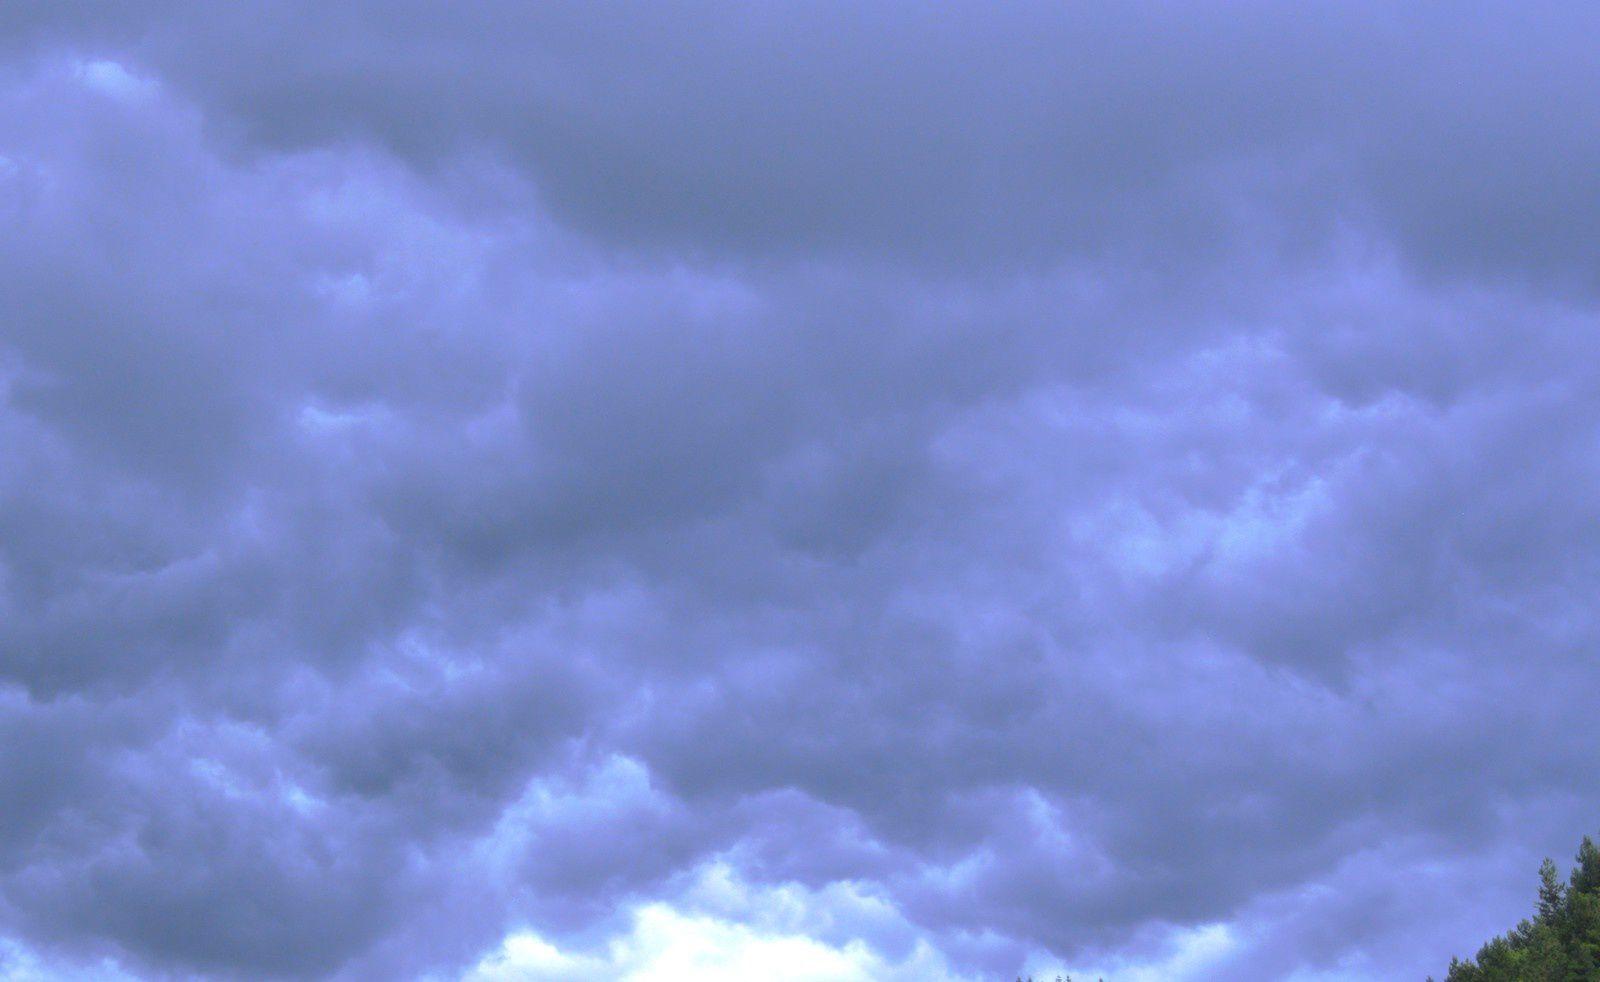 Aujourd'hui à Castanet-le-Haut, l'orage a grondé. Un vent violent s'est levé. L'orage est passé. Sans dégâts.